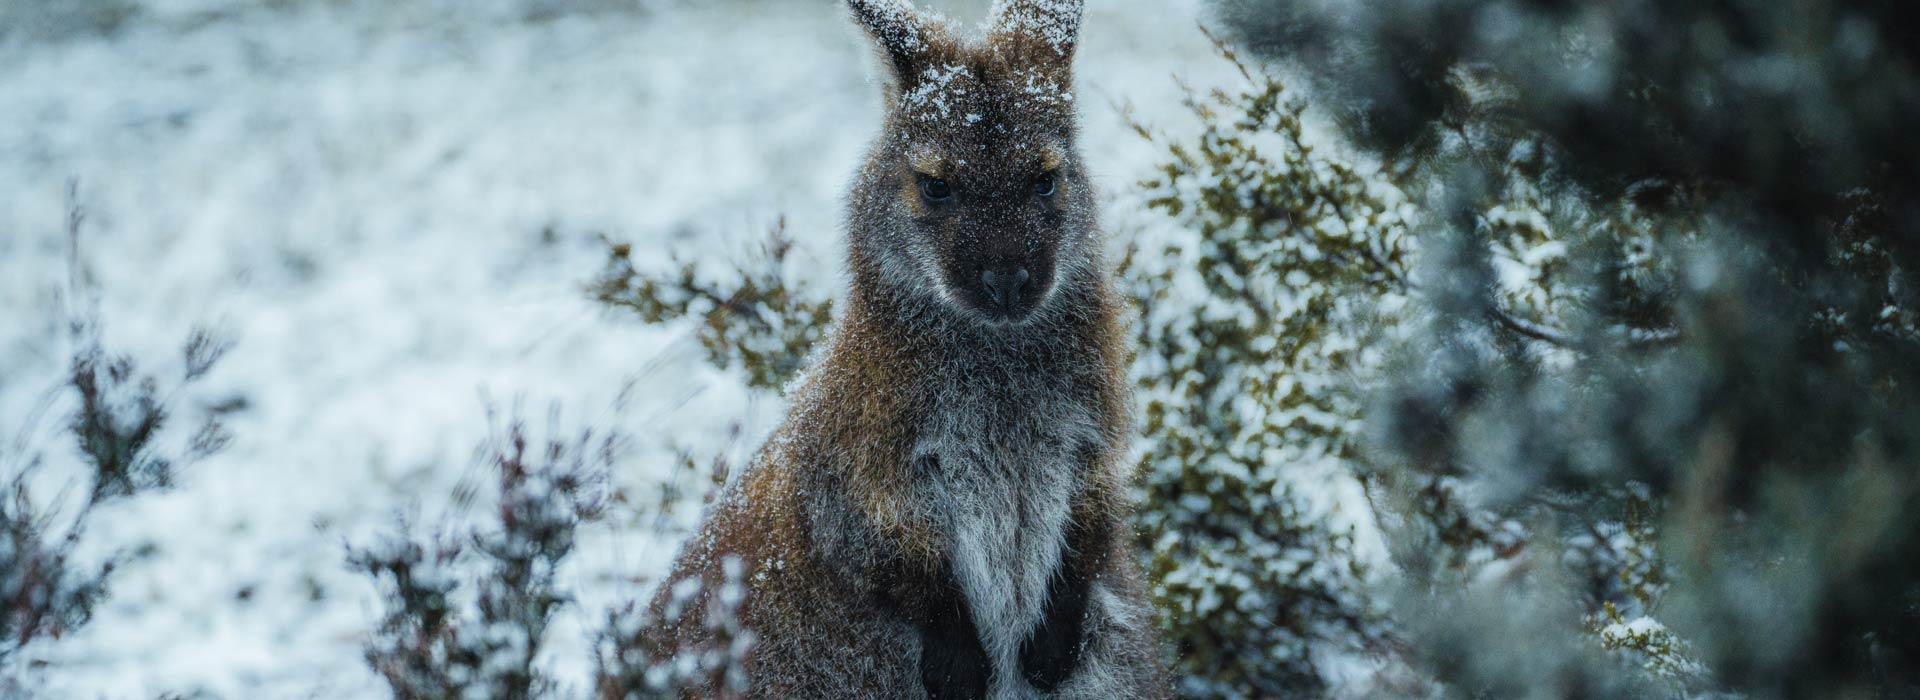 6D5N Wild Tasmania